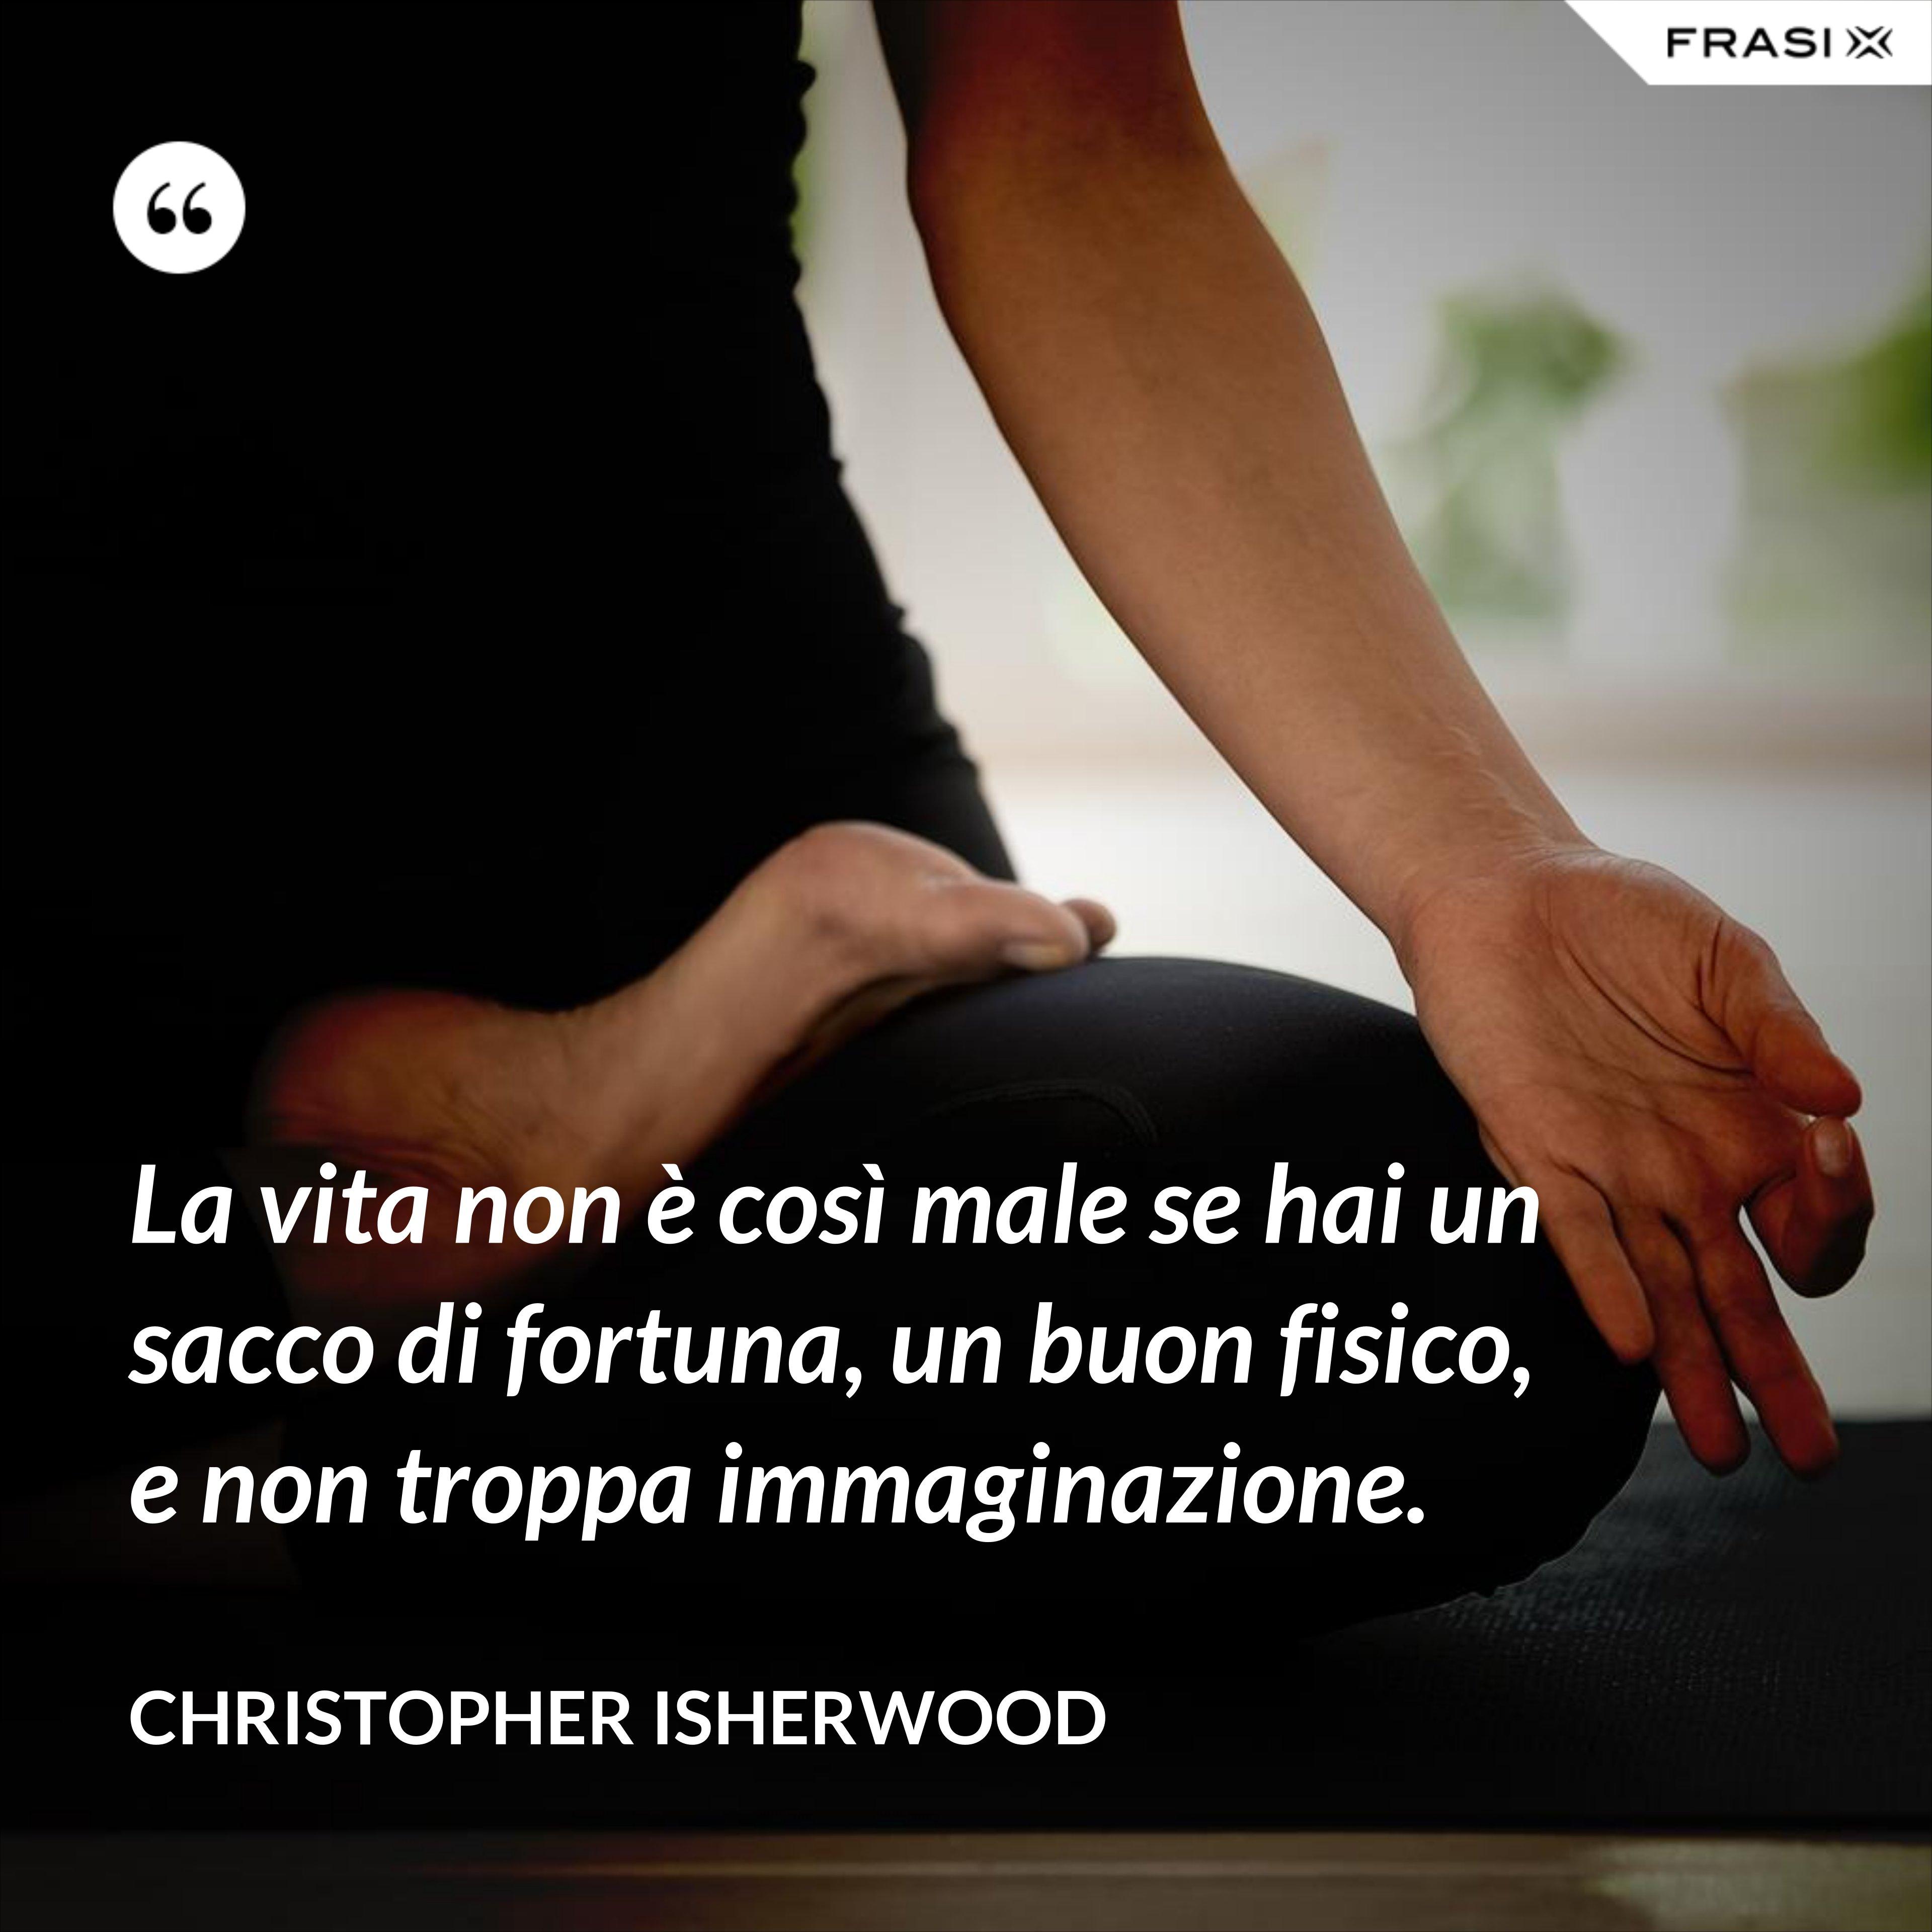 La vita non è così male se hai un sacco di fortuna, un buon fisico, e non troppa immaginazione. - Christopher Isherwood